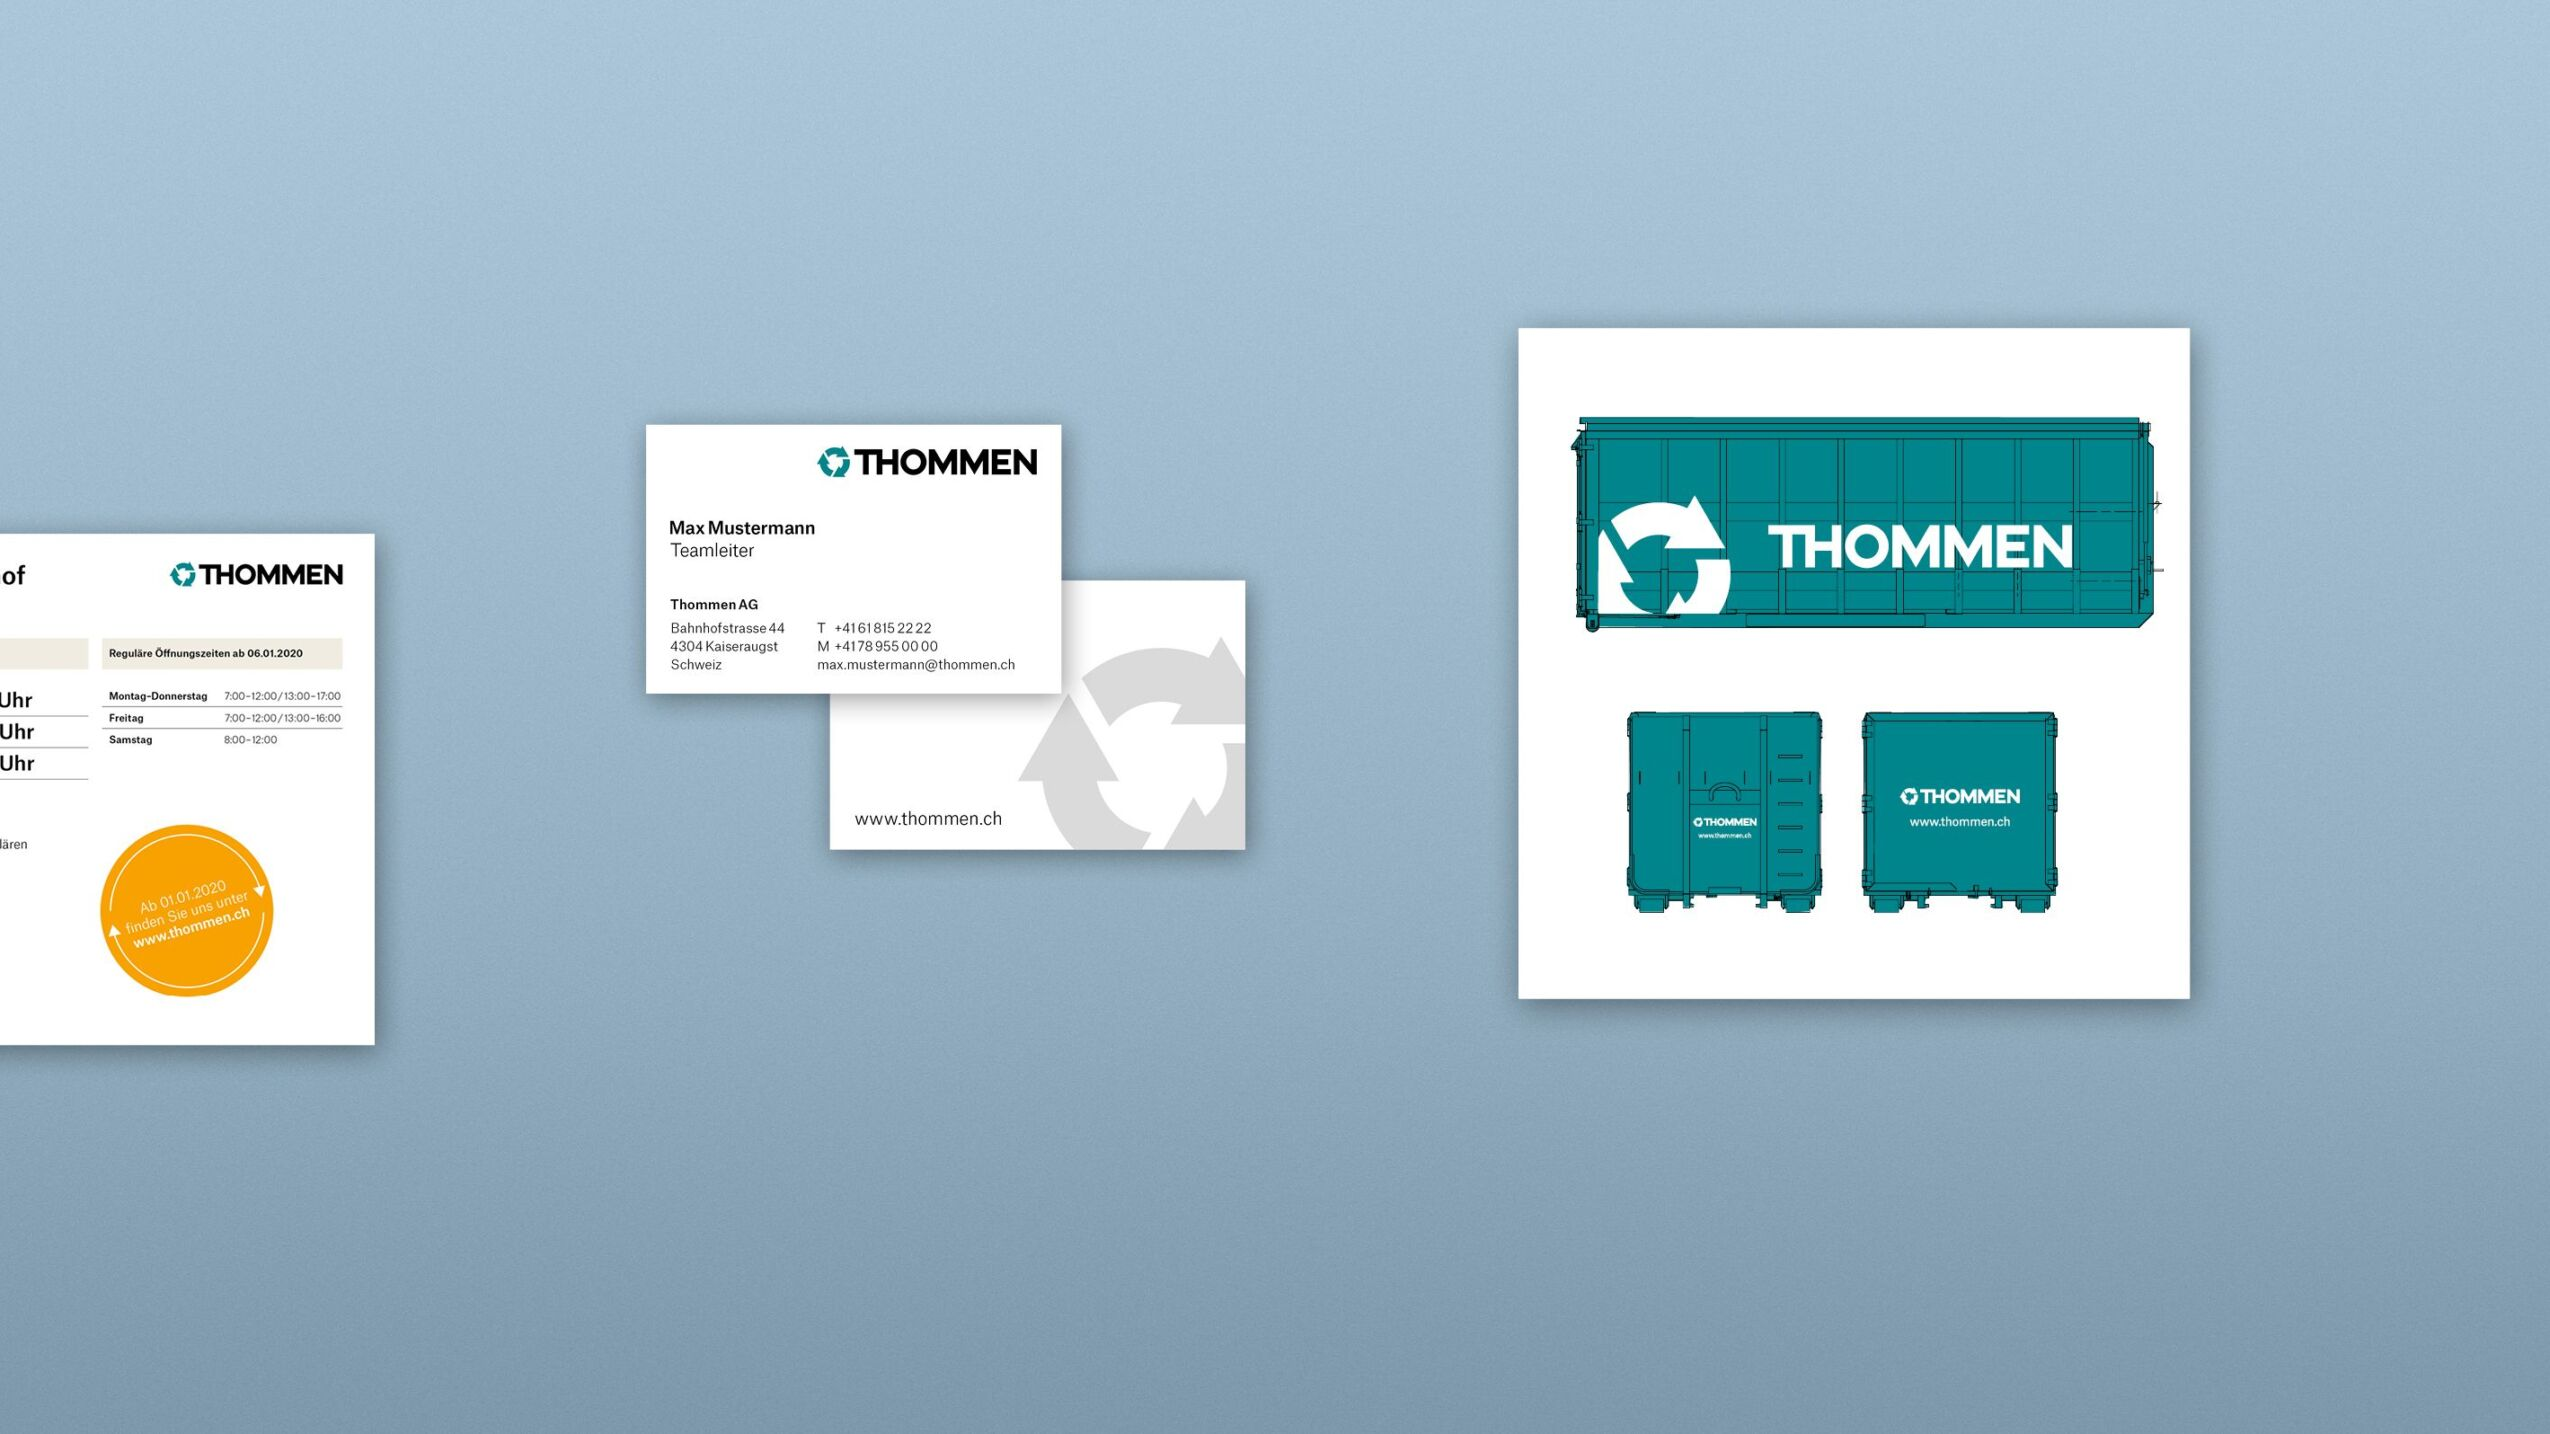 Markenkommunikation für Thommen. Öffnungszeiten, Visitenkarten, Behälterbeschriftung